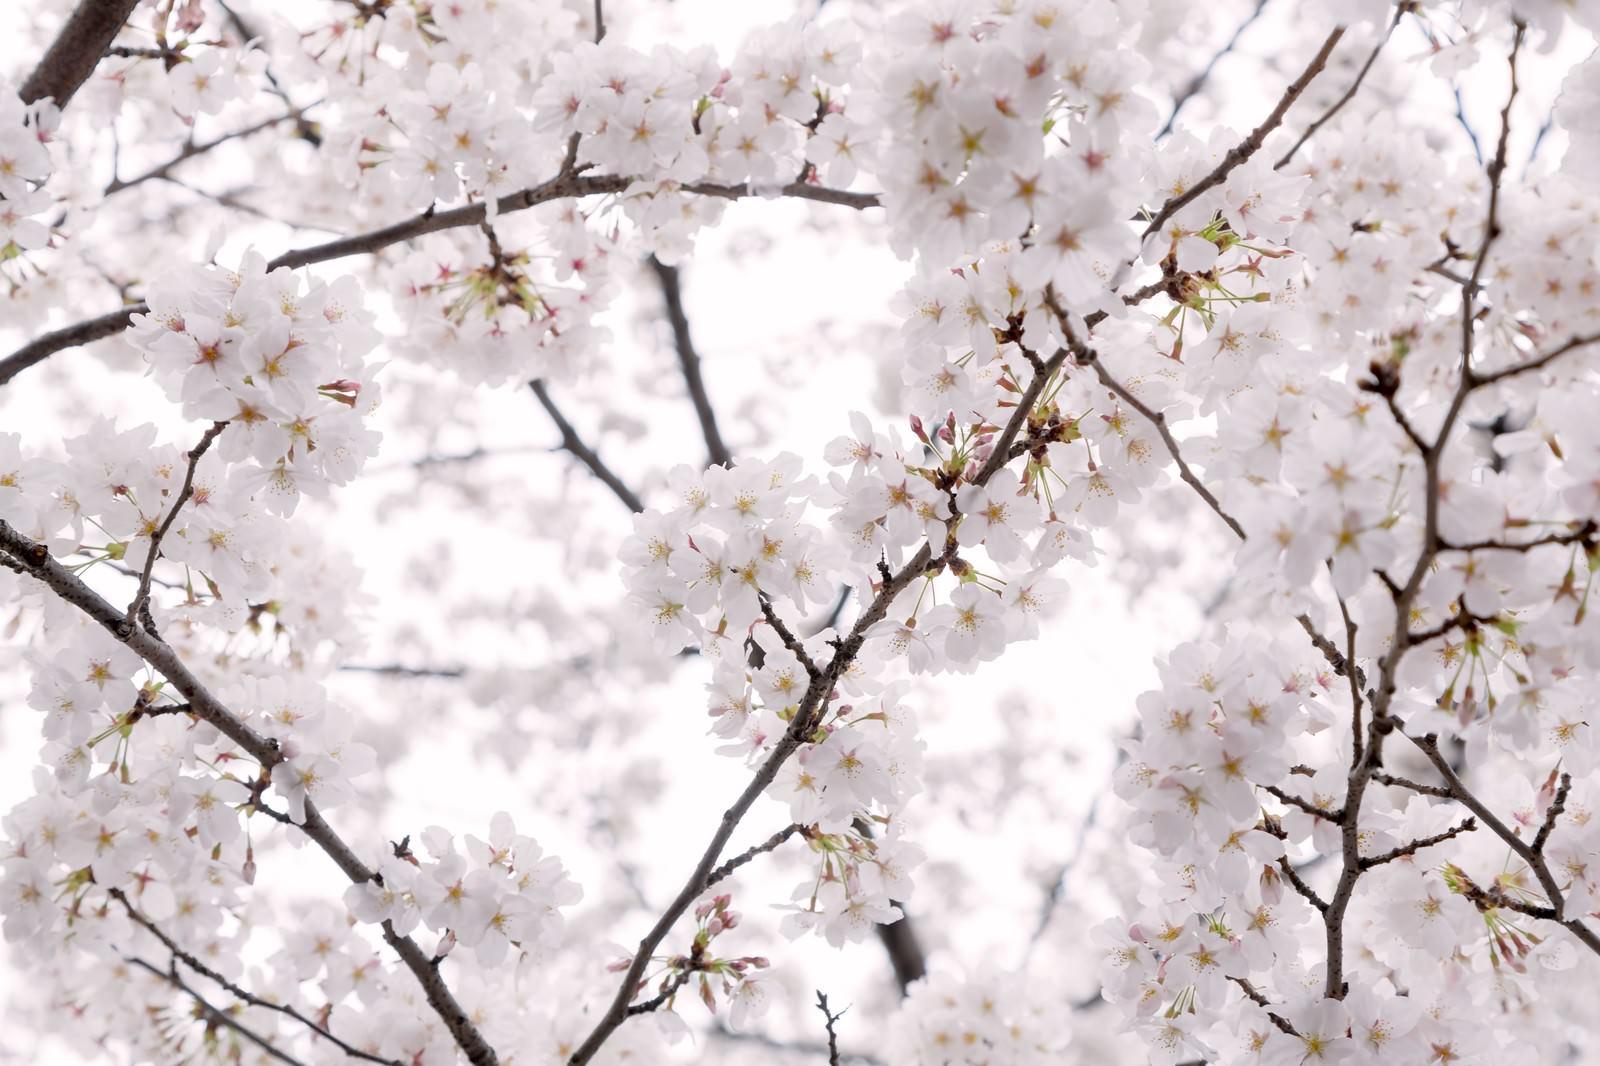 「もう、桜の咲く季節もう、桜の咲く季節」のフリー写真素材を拡大